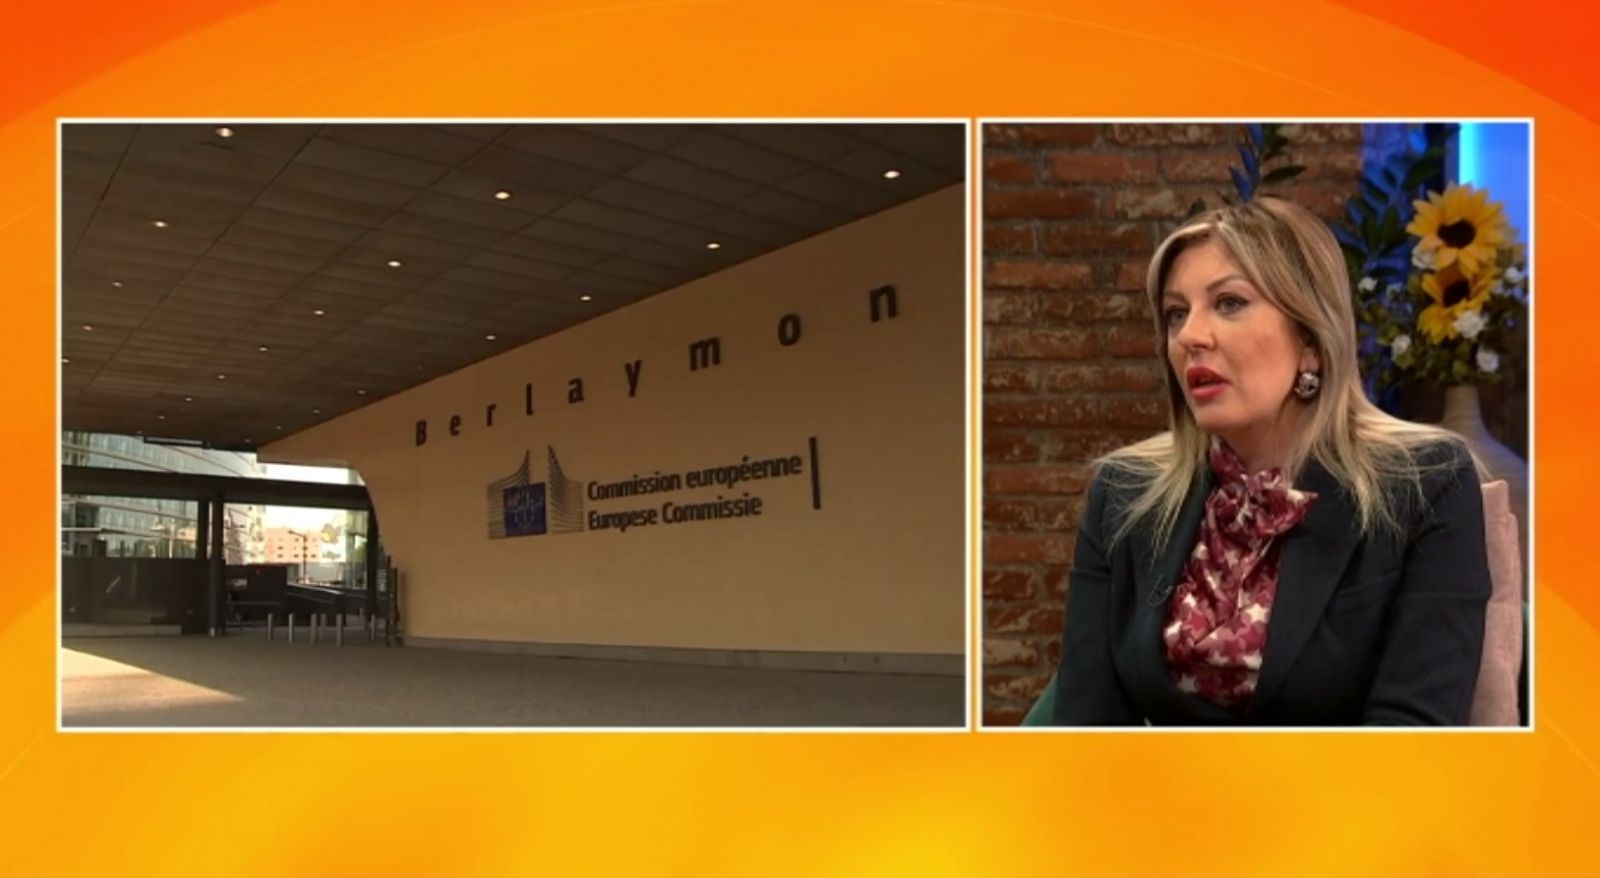 Ј. Јоксимовић: Дијалог Београд-Приштина од почетка утиче на европске интеграције Србије